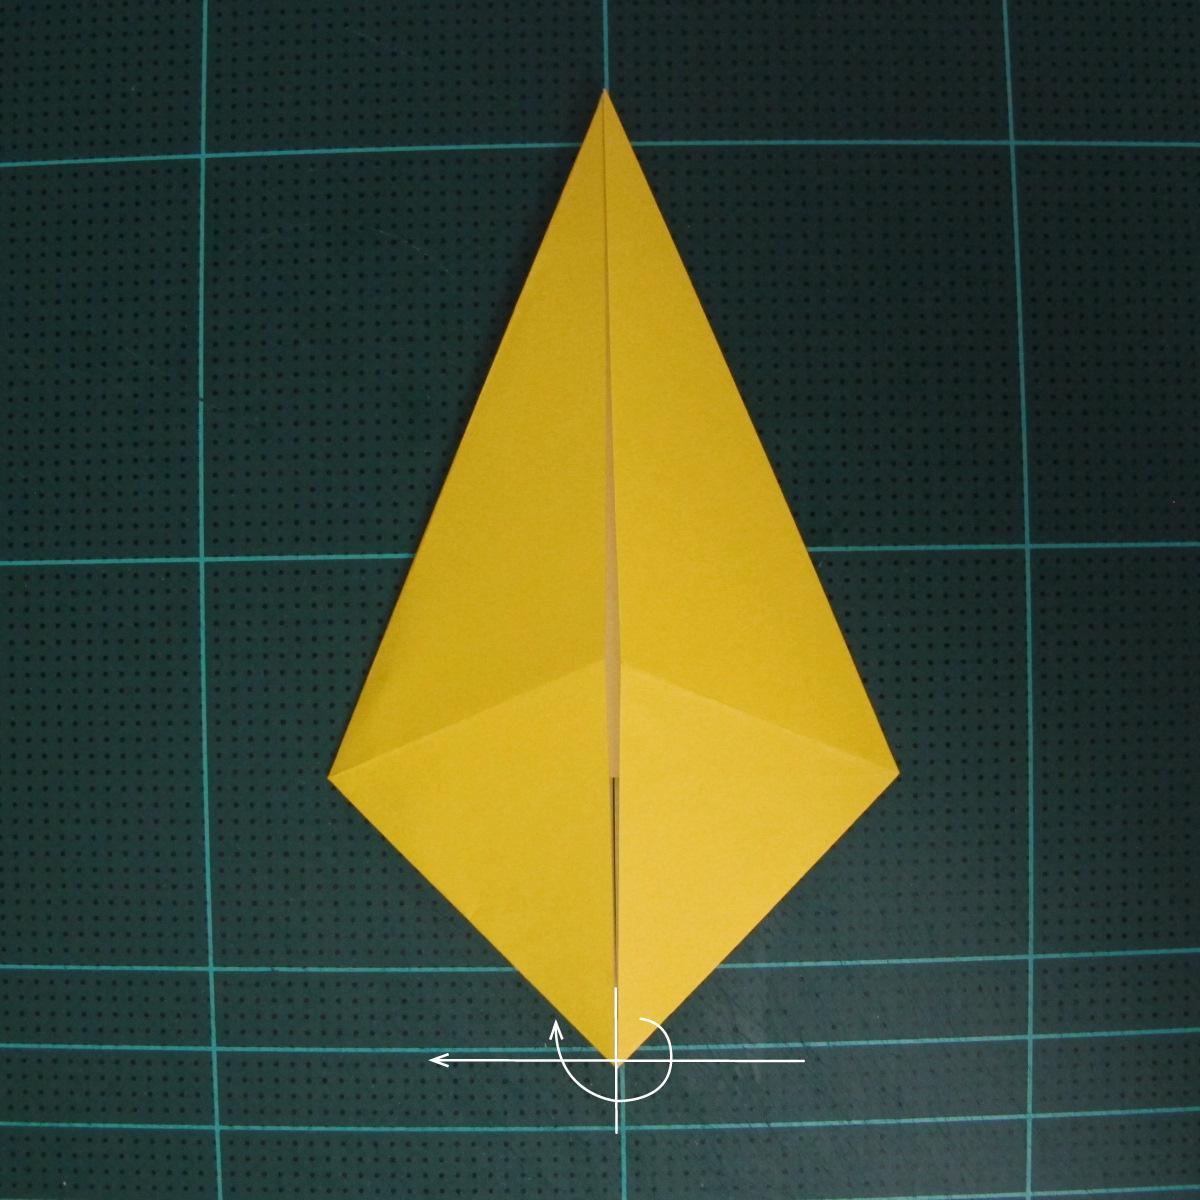 การพับกระดาษเป็นรูปไก่ (Origami Rooster) 001